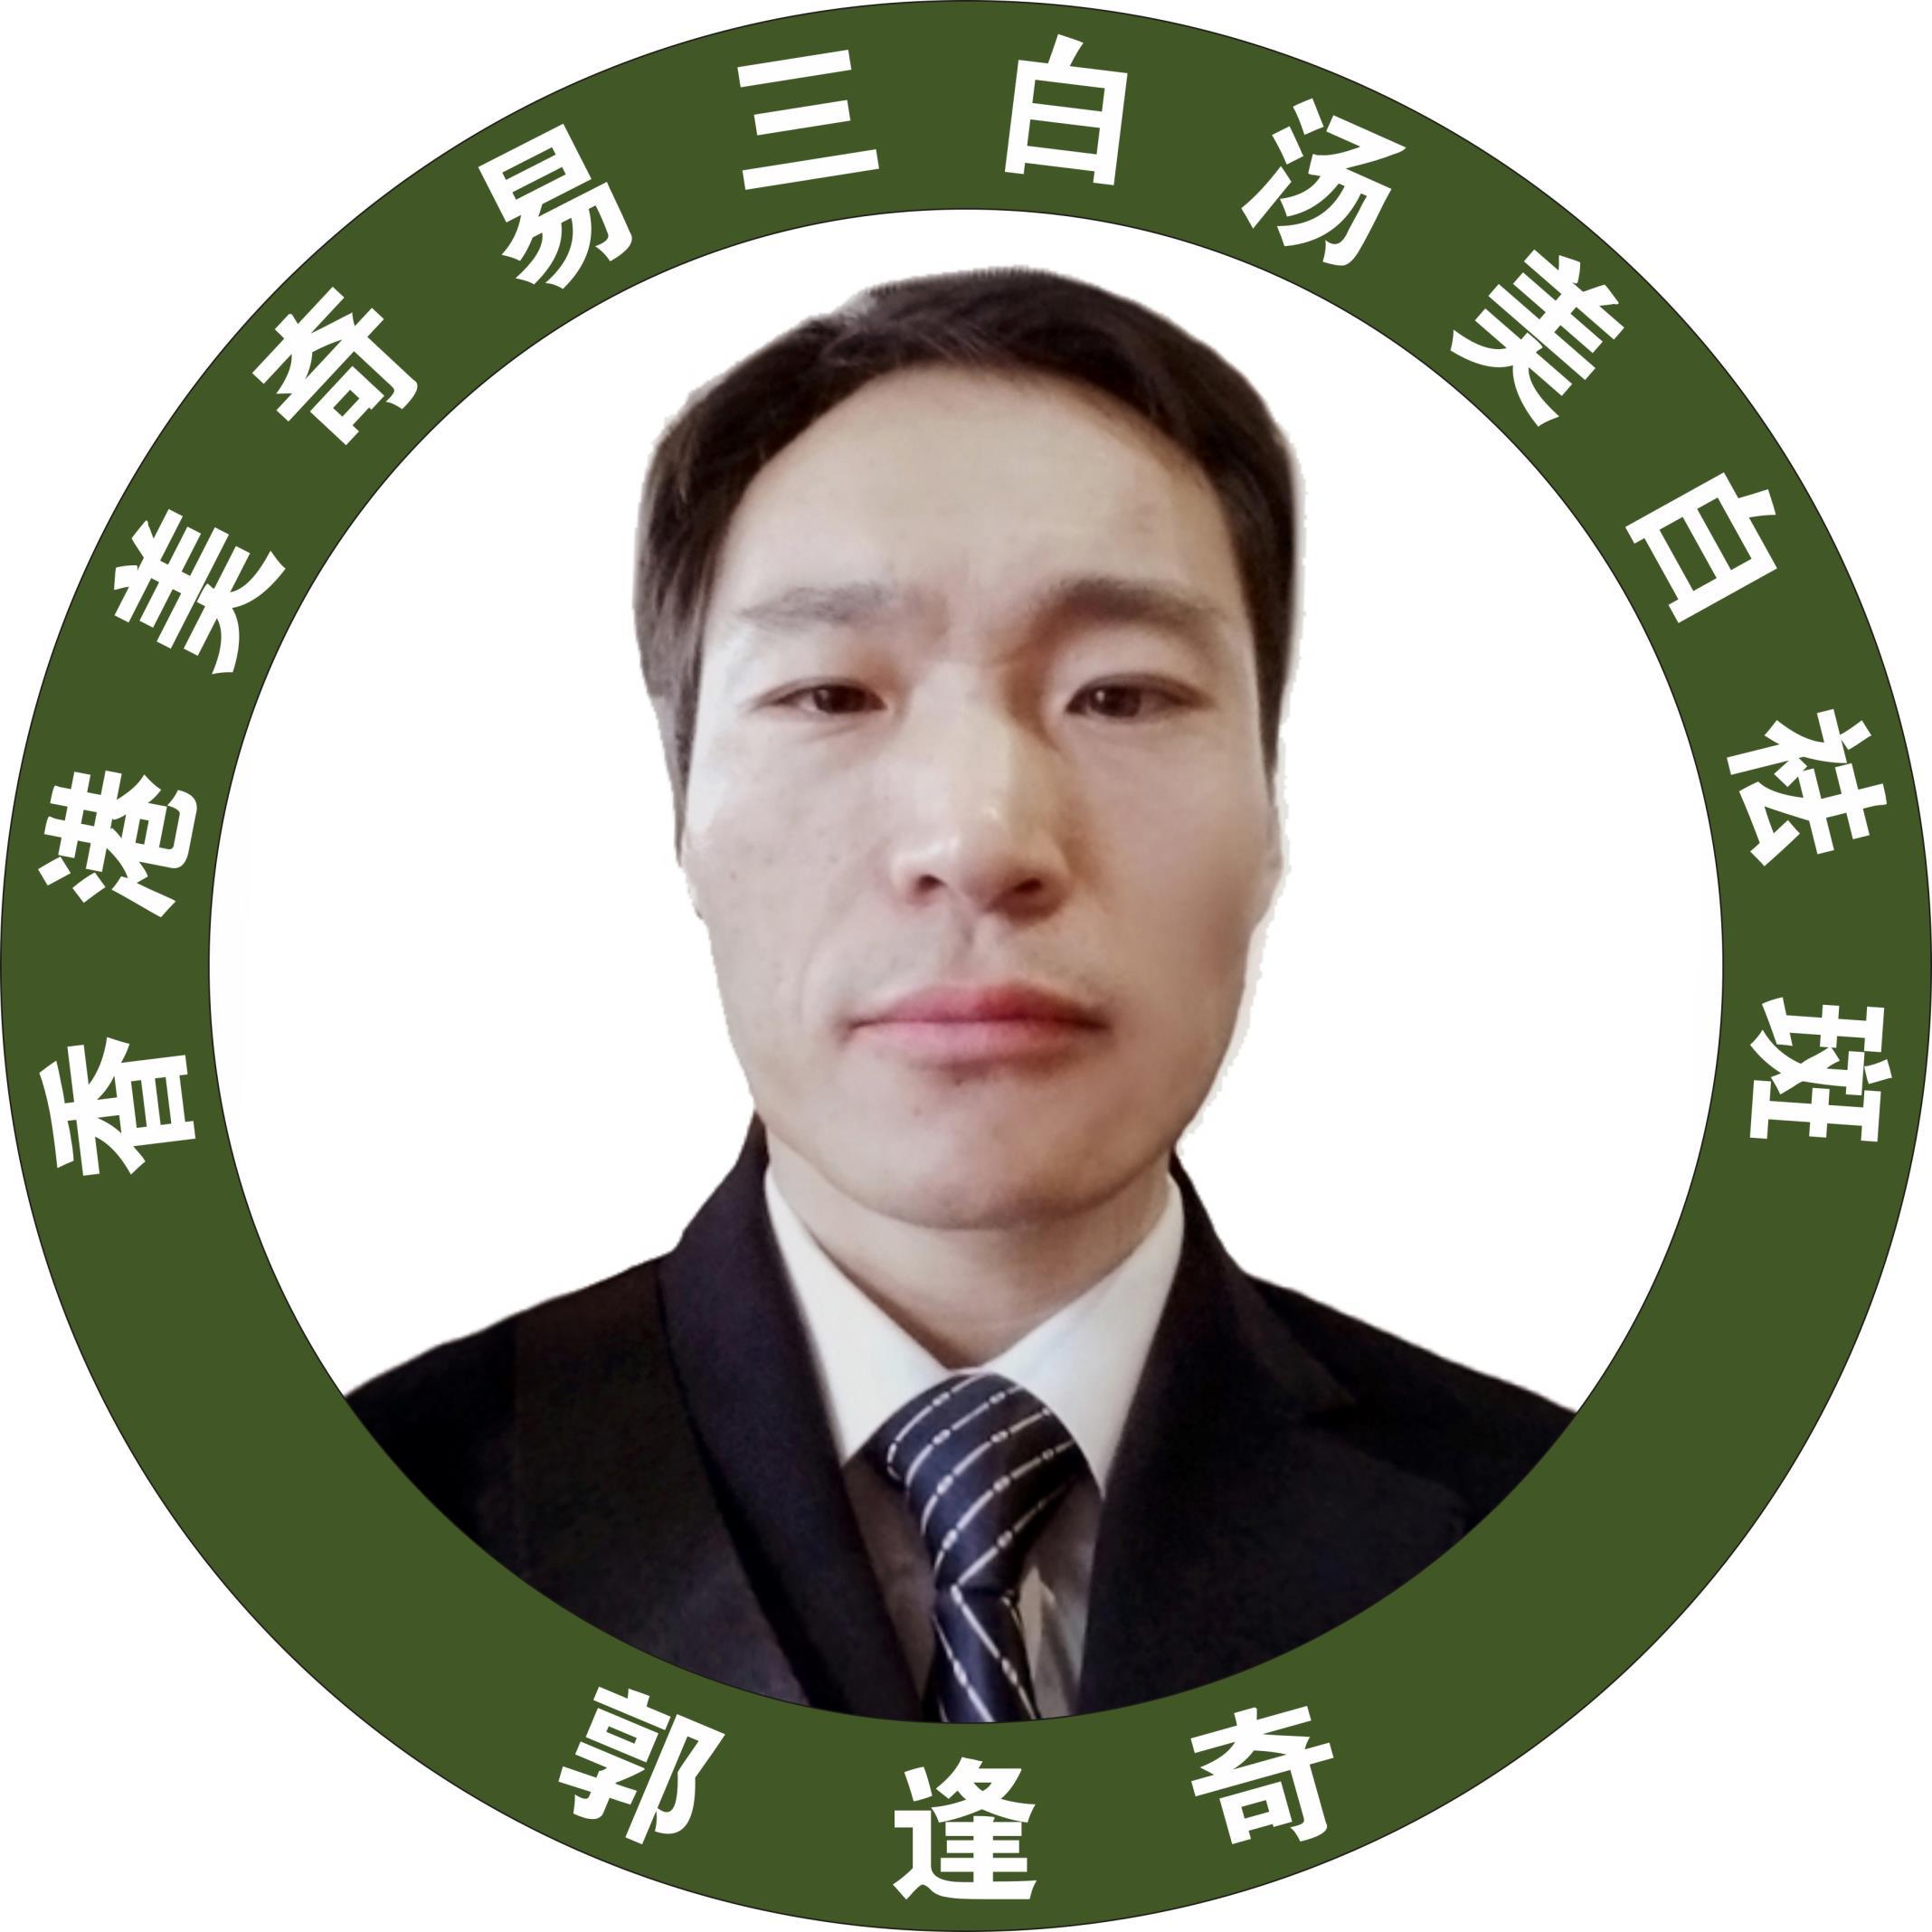 香港美奇美容产品公司